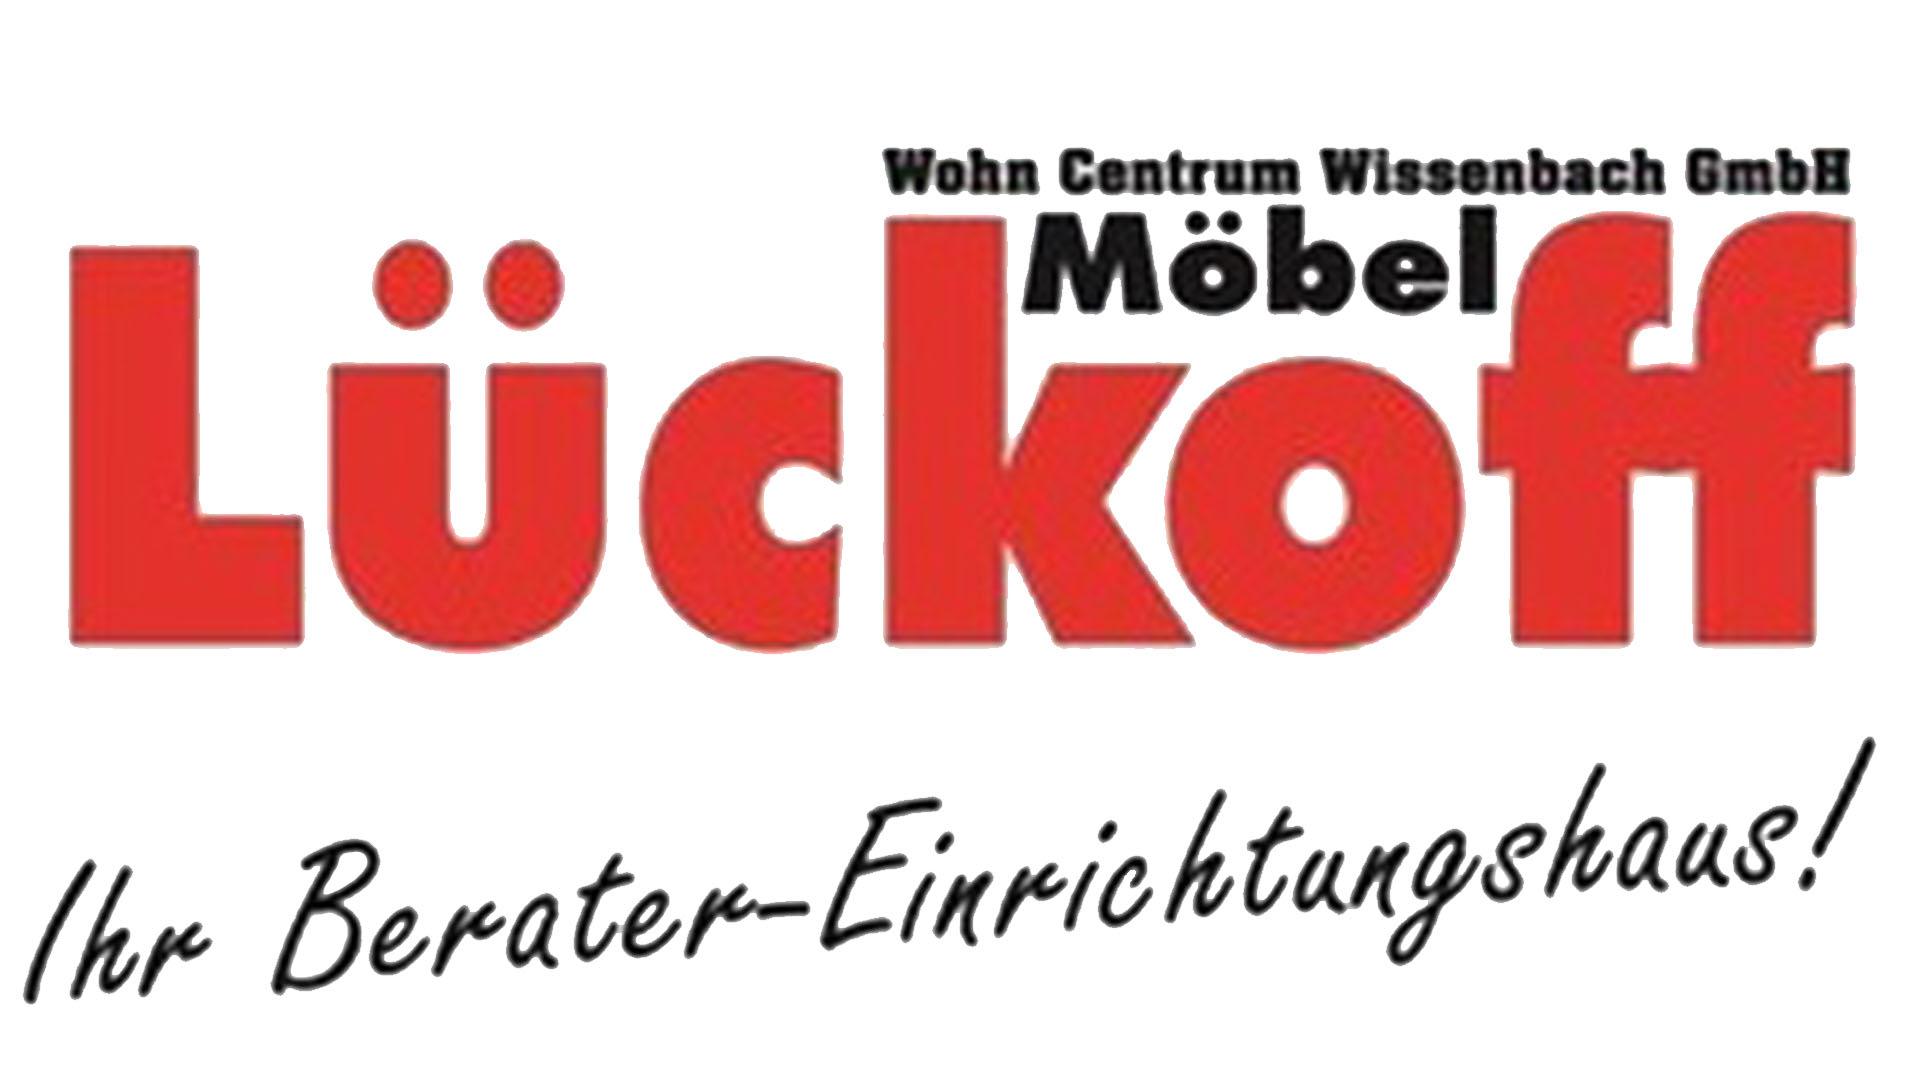 wohn-centrum-wissenbach-gmbh-eschenburg-wissenbach logo